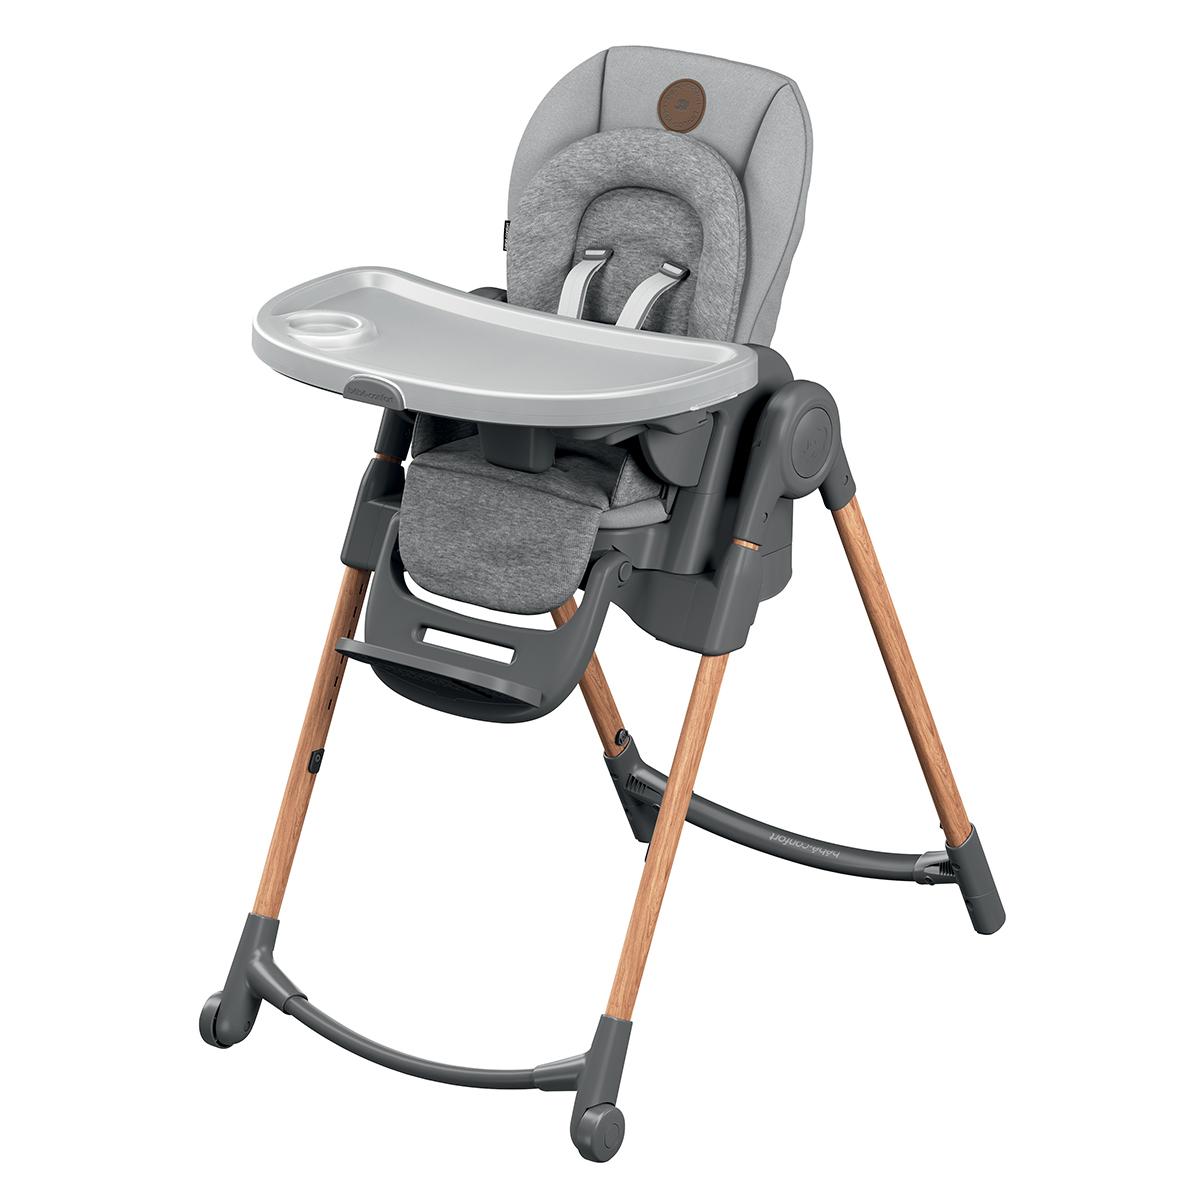 Chaise haute Chaise Haute Minla - Essential Grey Chaise Haute Minla - Essential Grey